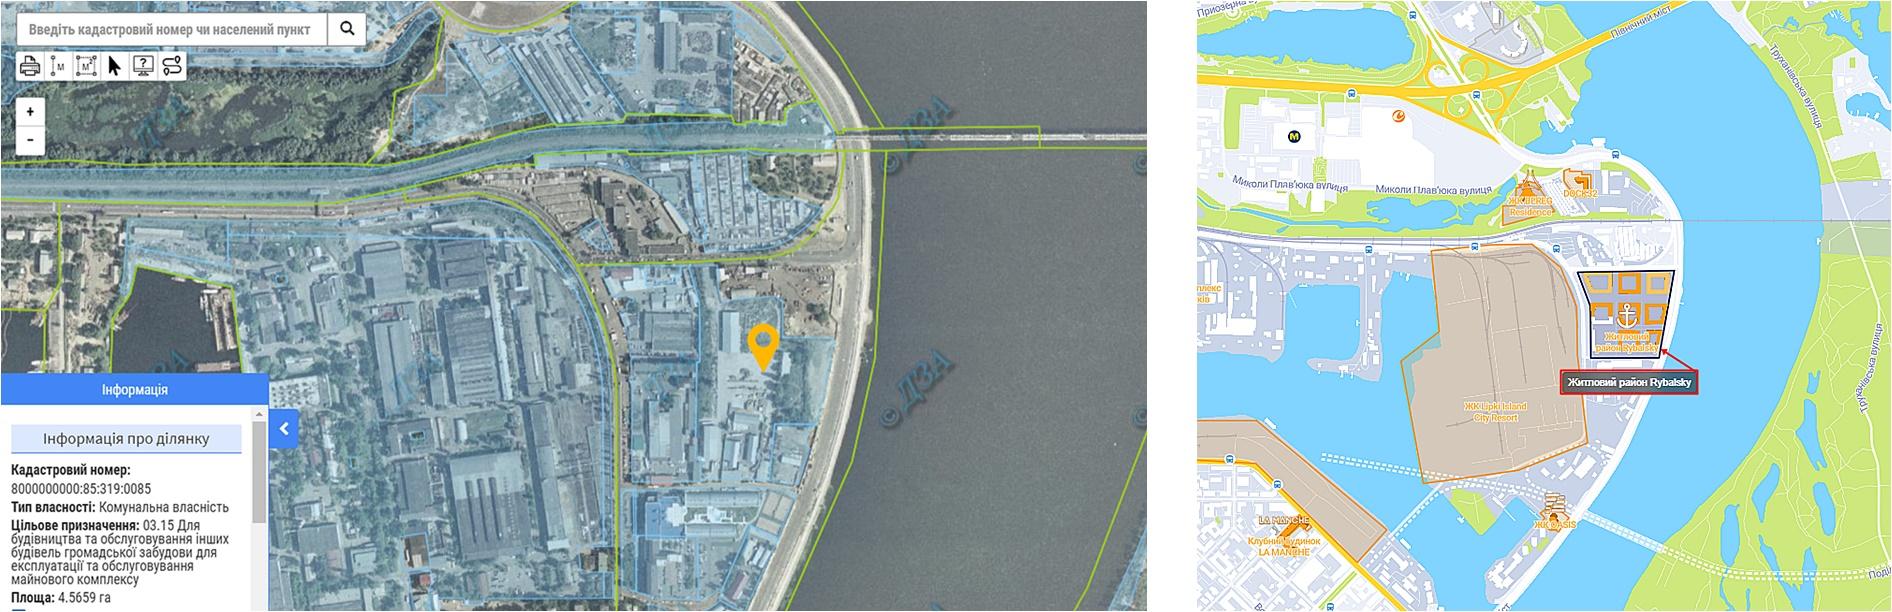 ЖК Рыбальский данные кадастра и на карте